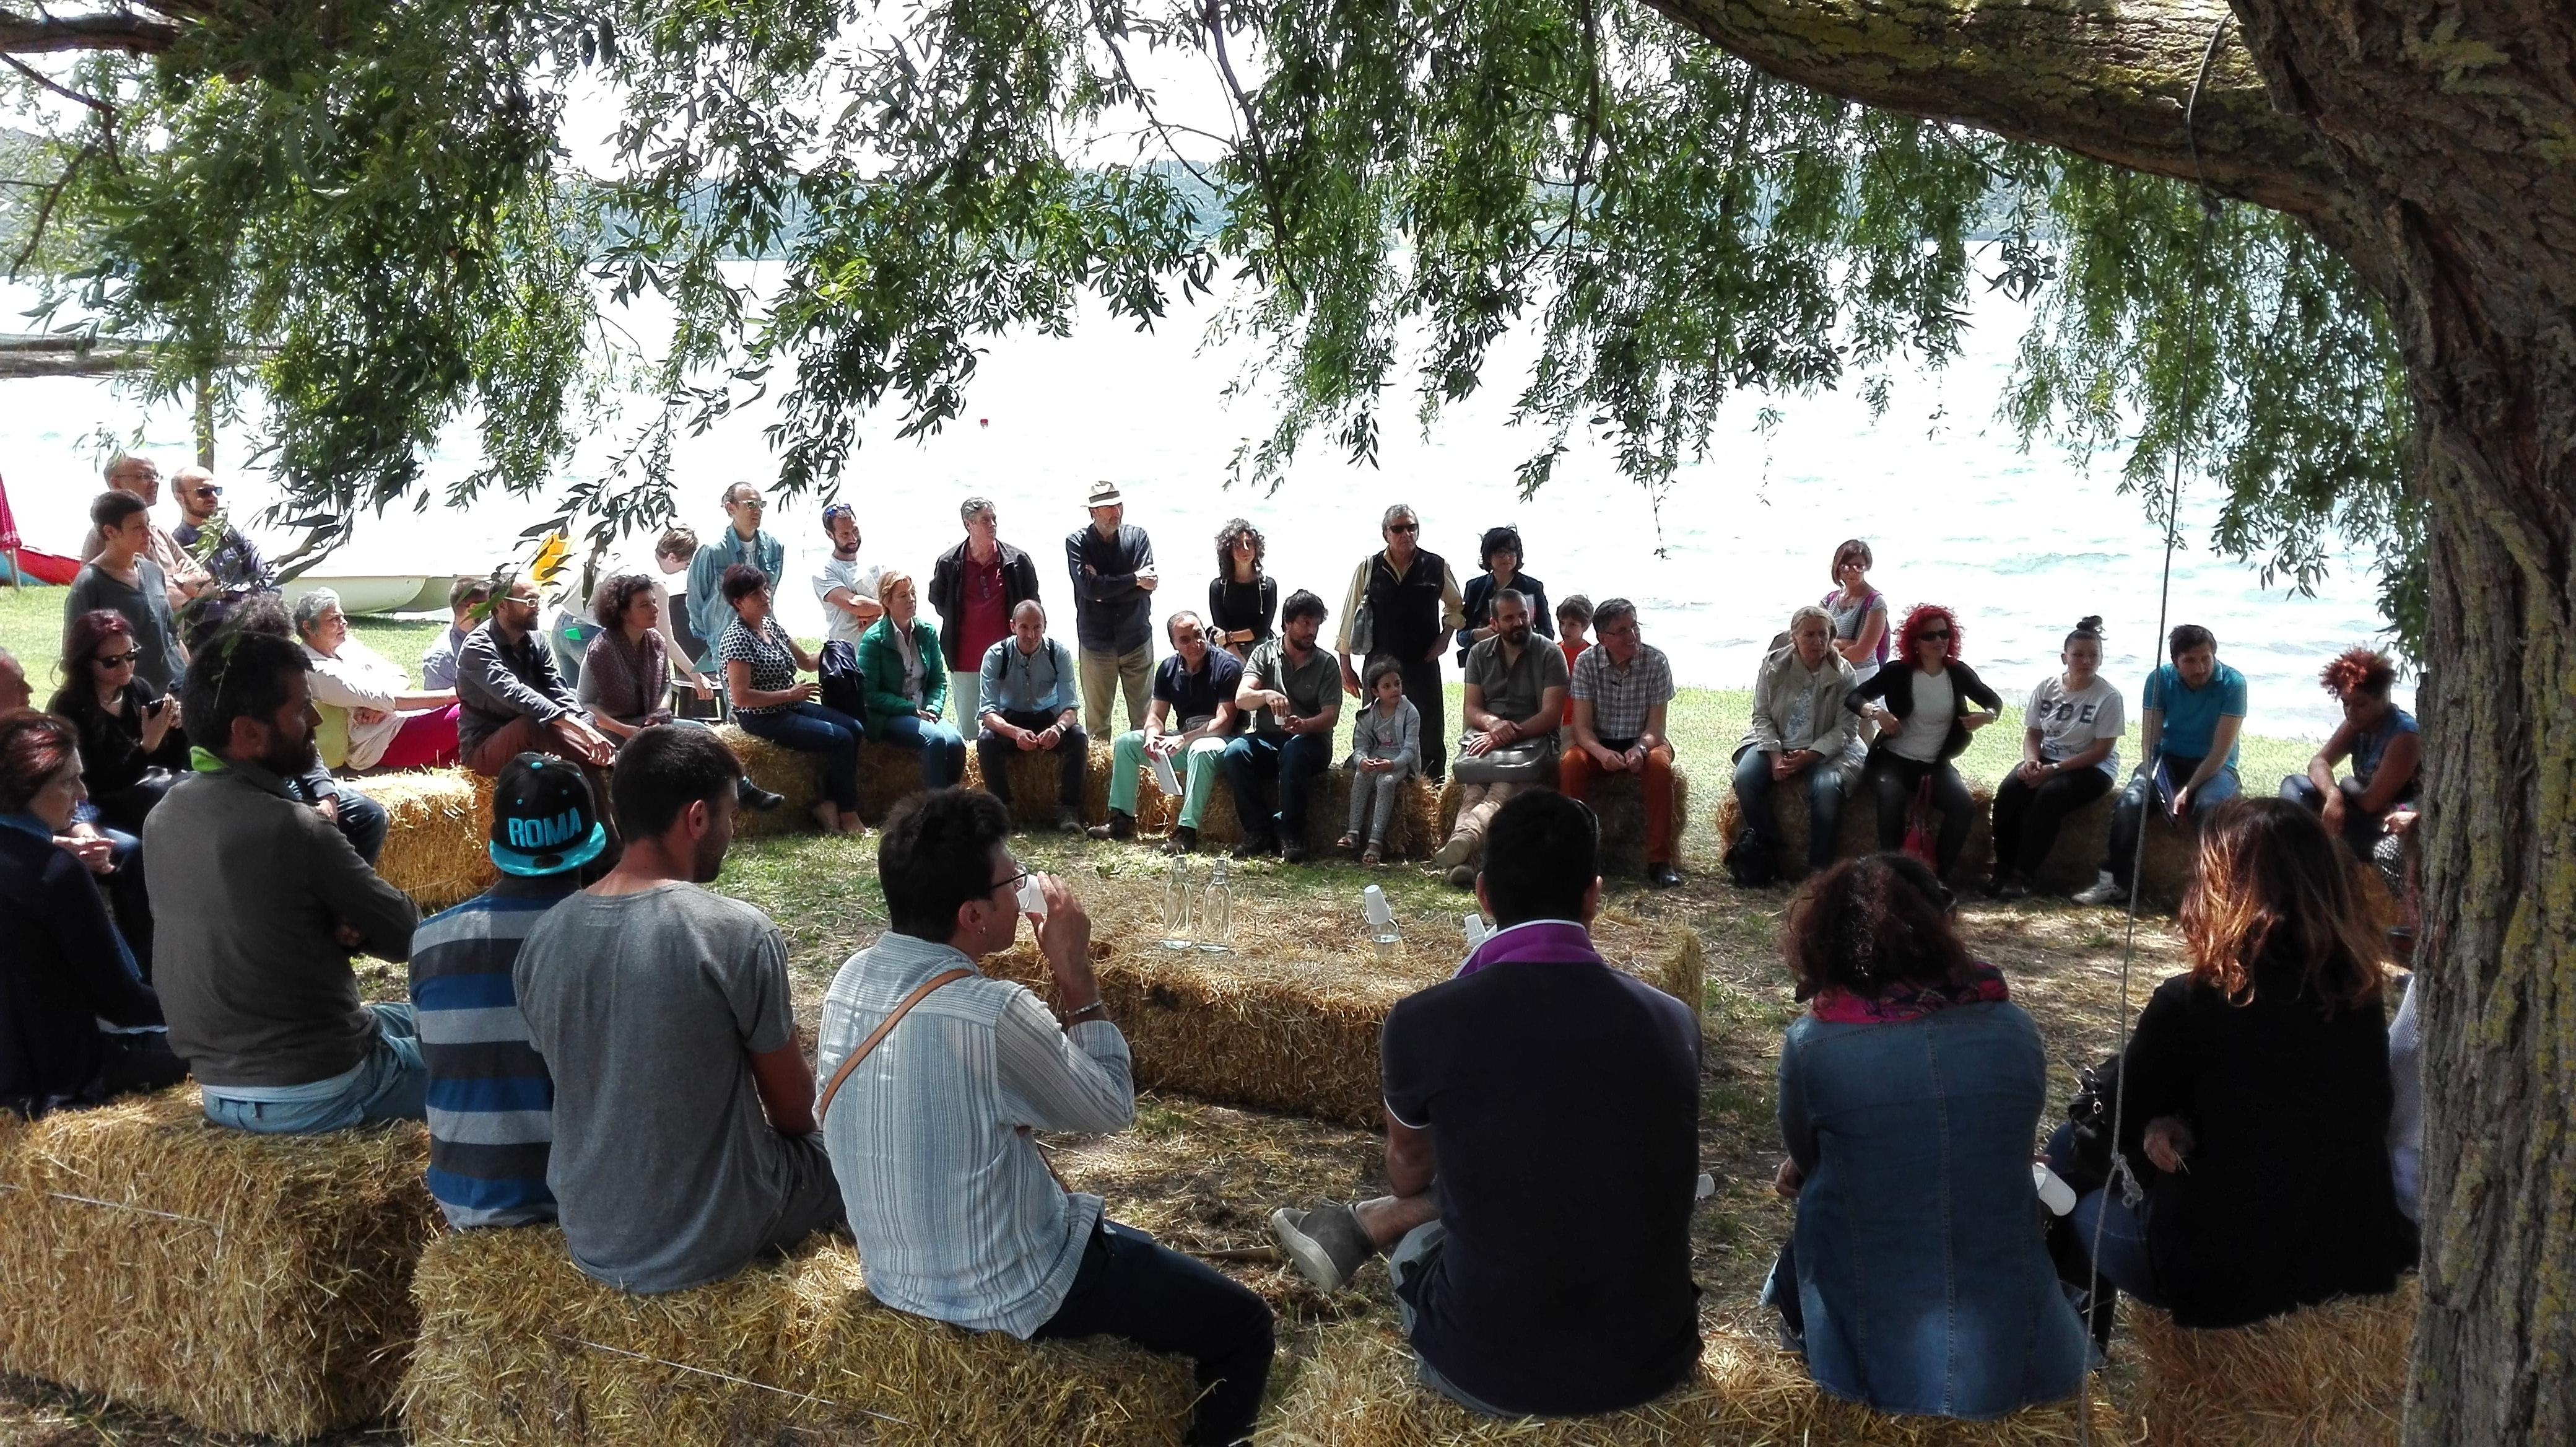 Kairos Cooperativa Sociale - Tutti in cerchio, come siamo soliti fare, sulle rive del lago di Martignano per parlare della strada fatta con il progetto di agricoltura sociale Campi Aperti